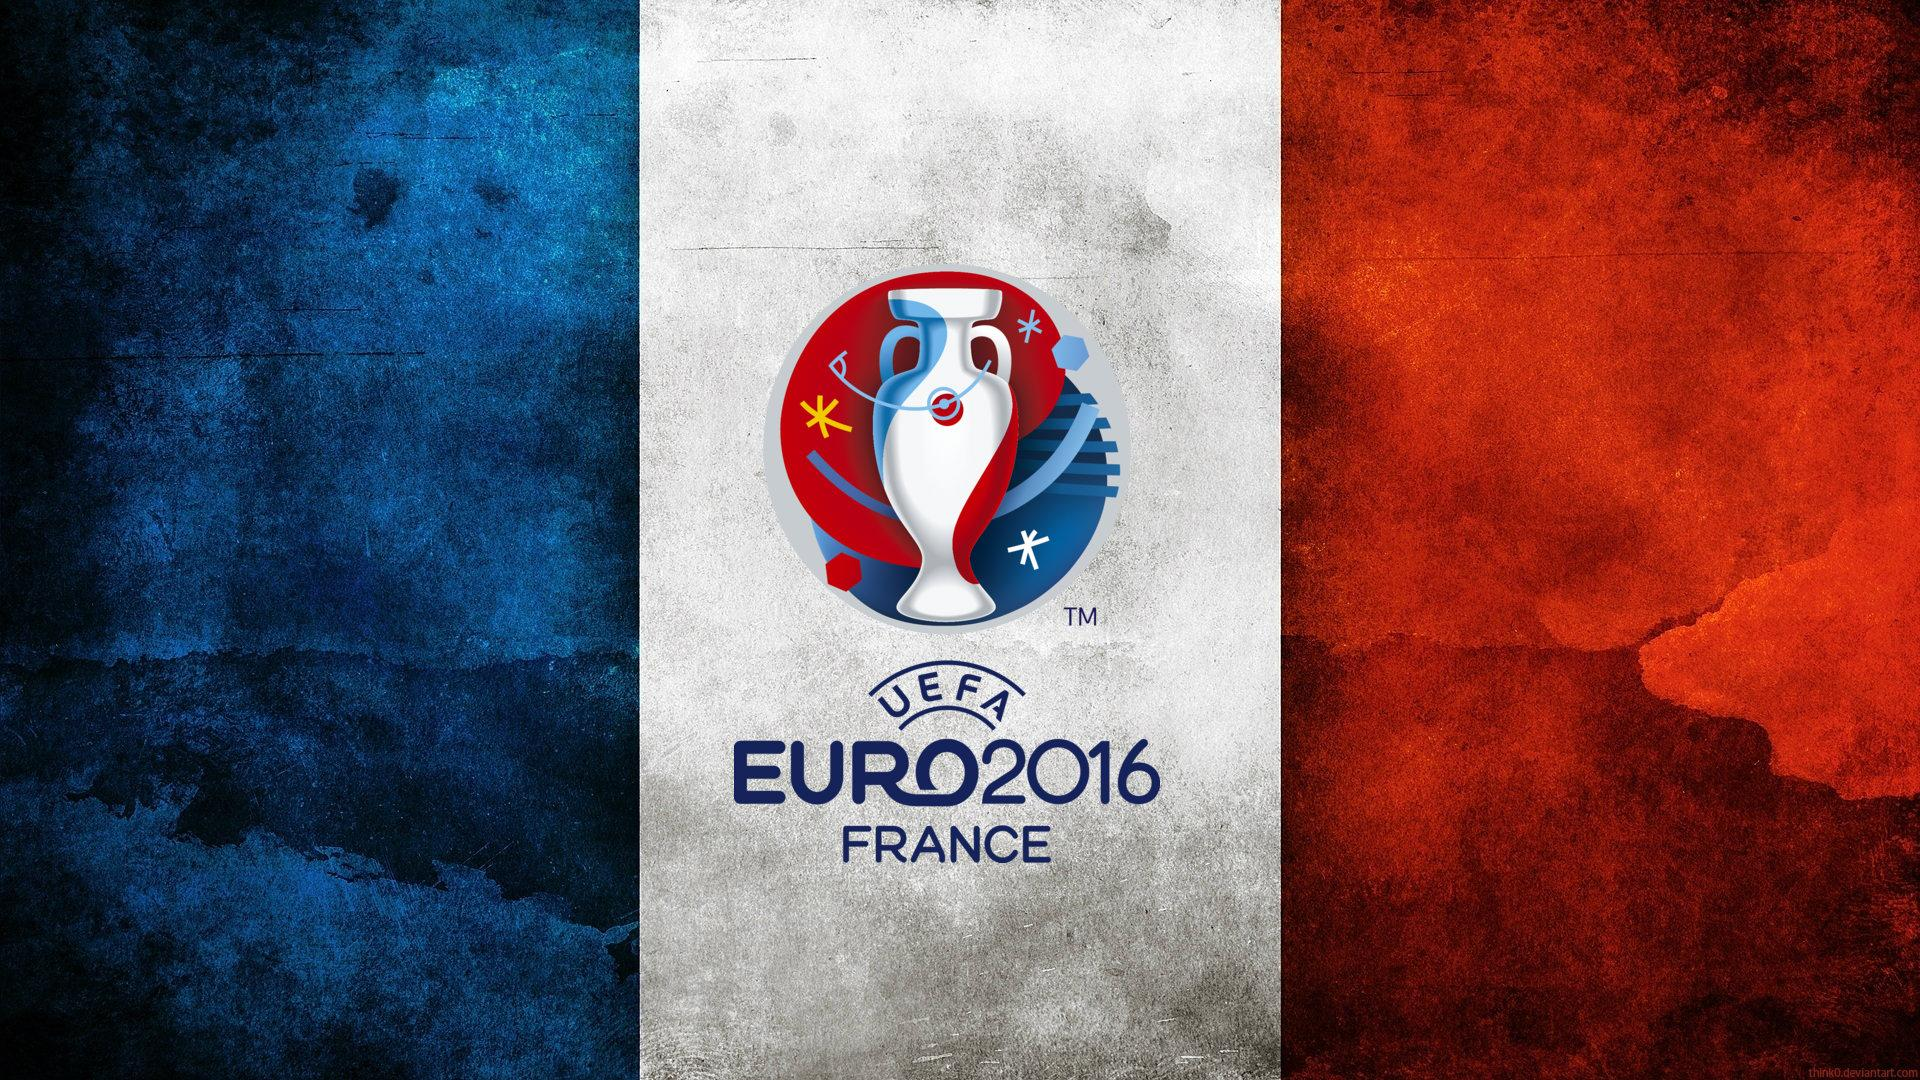 Euro 2016 : Les 23 joueurs sélectionnés en équipe de France